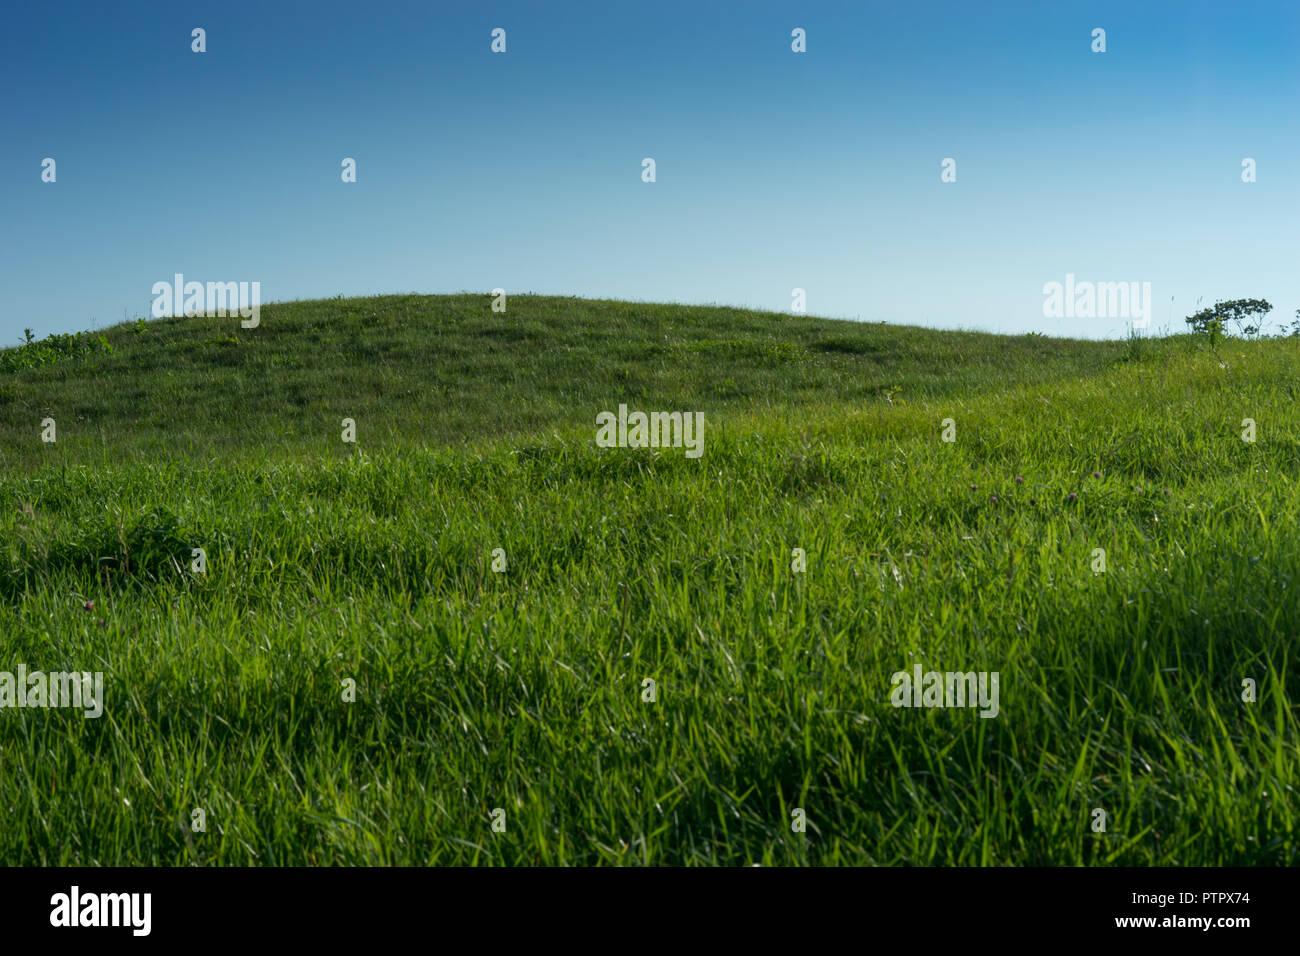 Colina cubierta de hierba verde unshaved contra un cielo azul sin nubes. Imagen De Stock